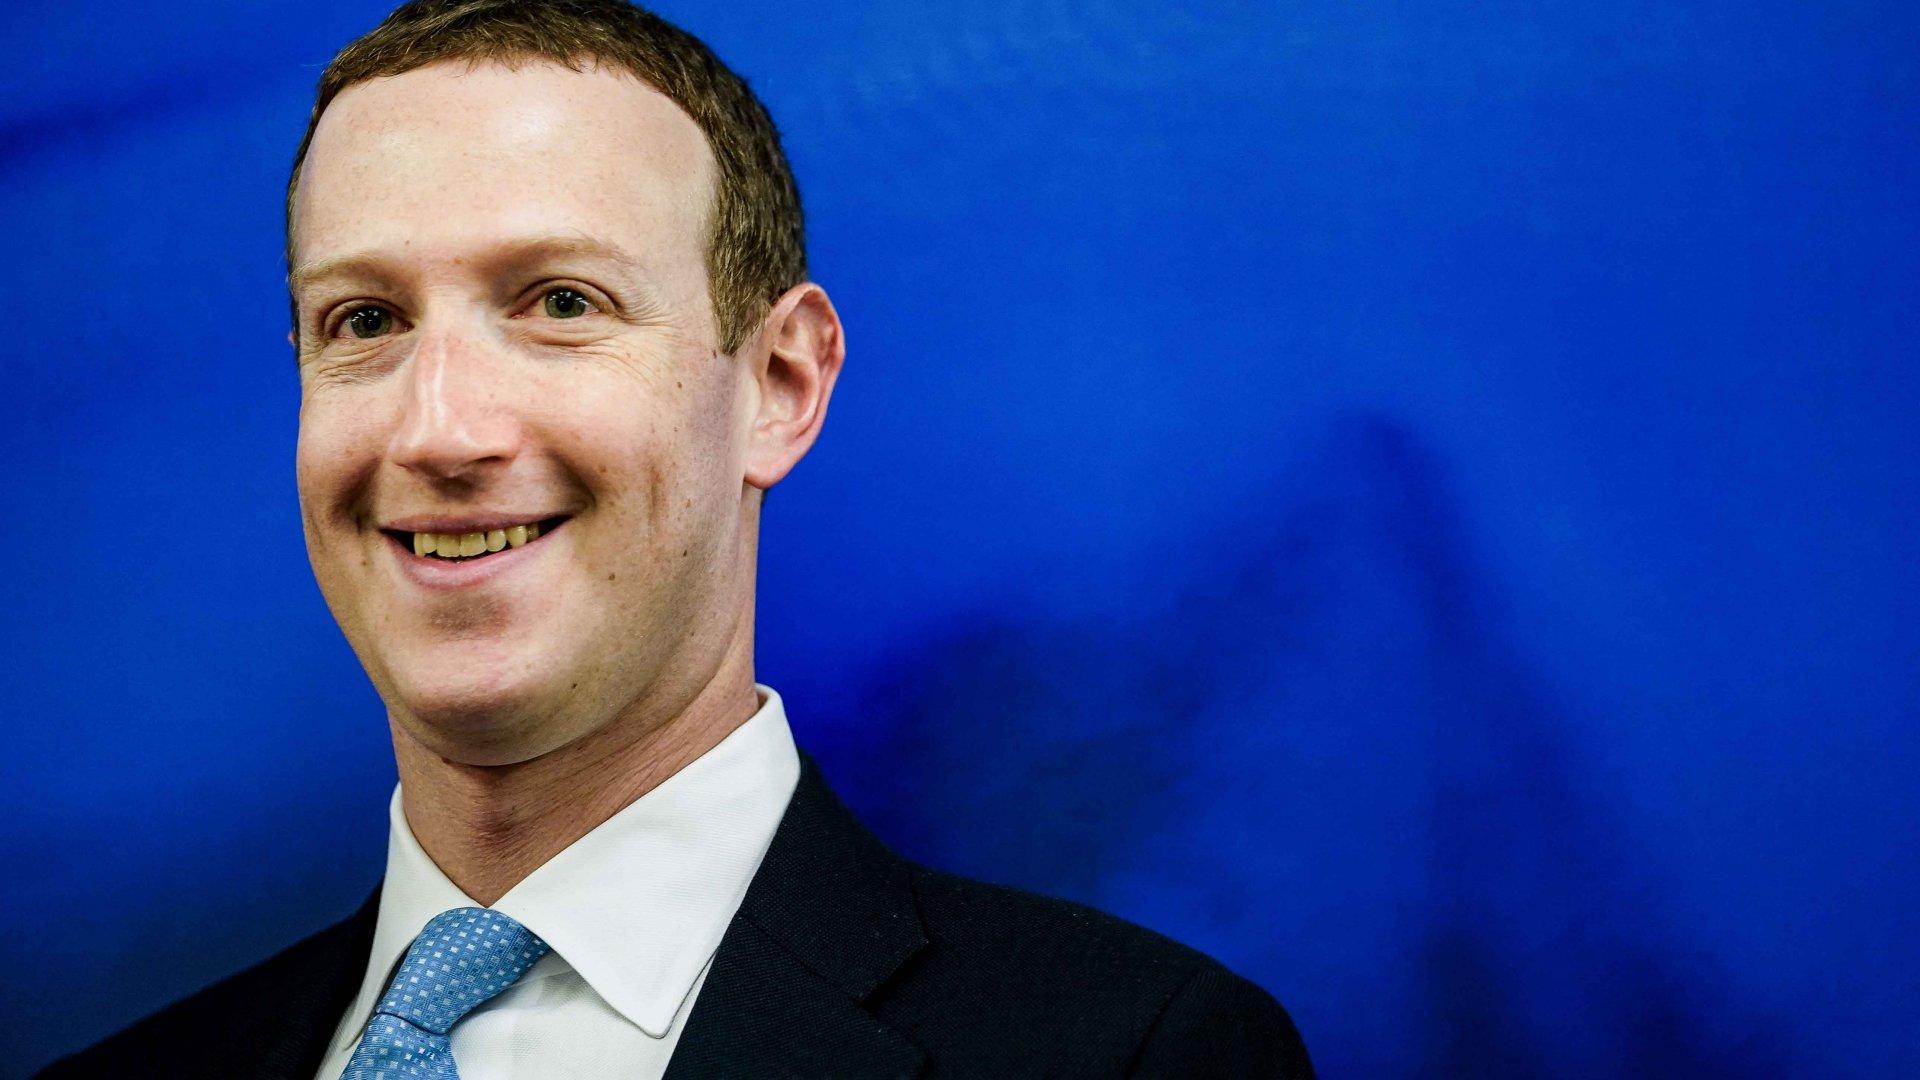 Цукерберг пообещал реалистичные цифровые аватары в Facebook. Их будут делать с помощью VR-гарнитур